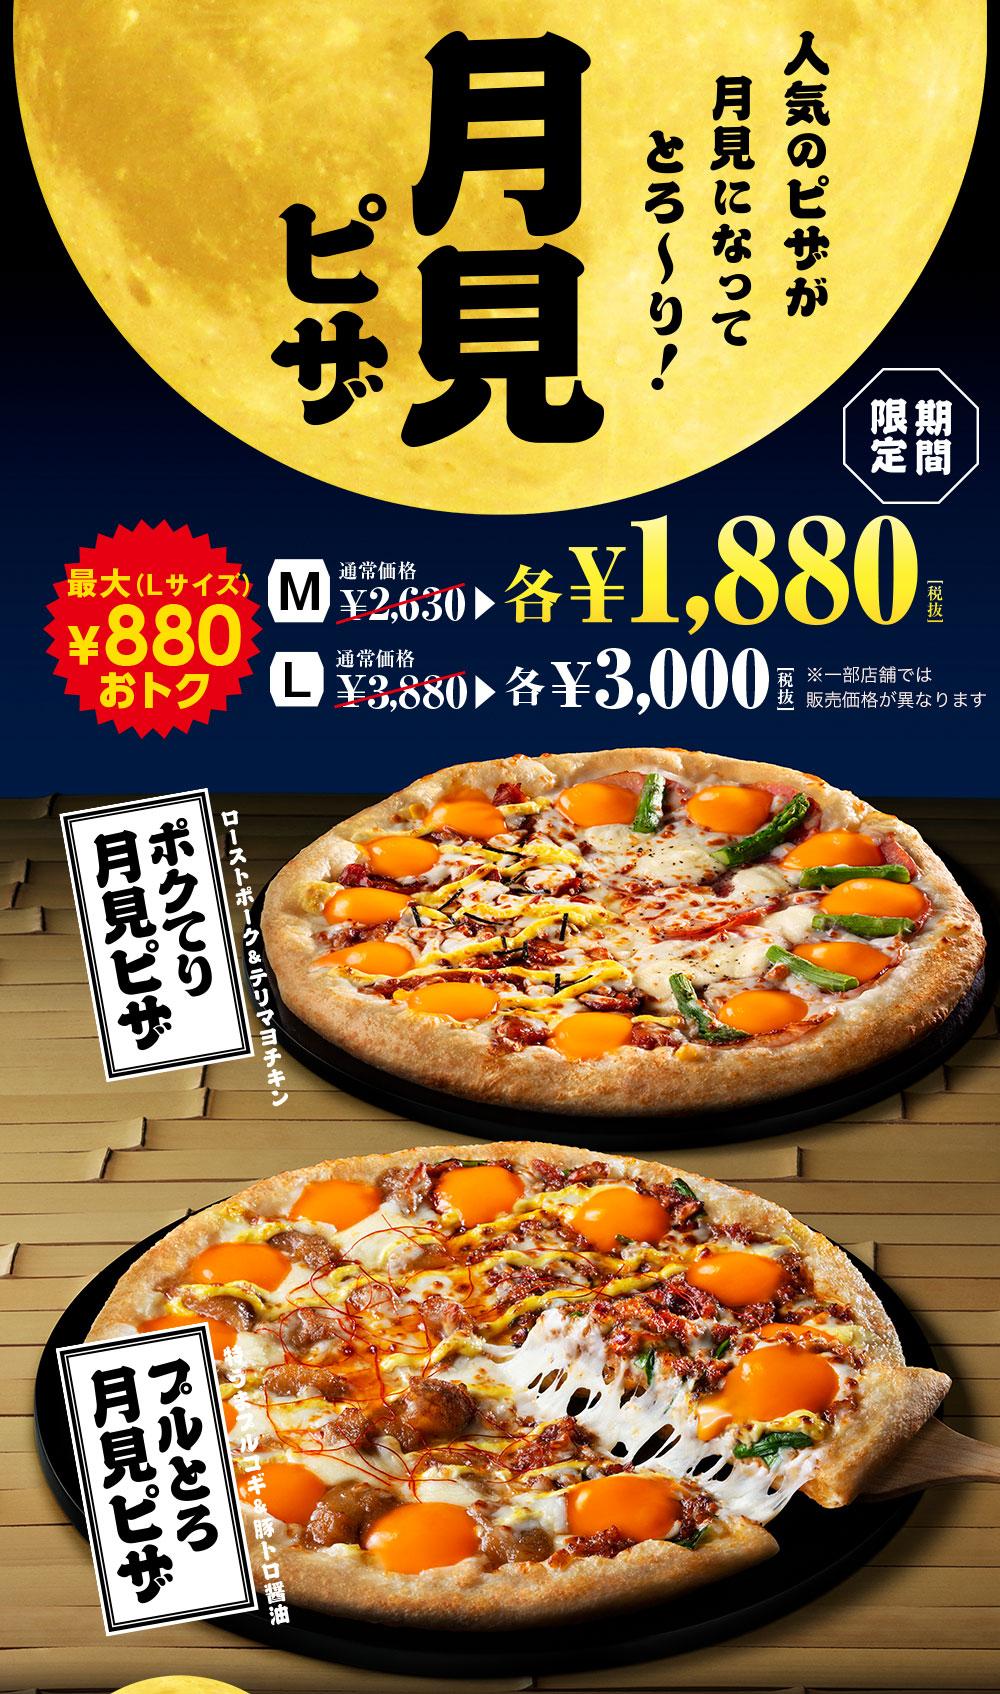 メニュー 値段 ピザハット